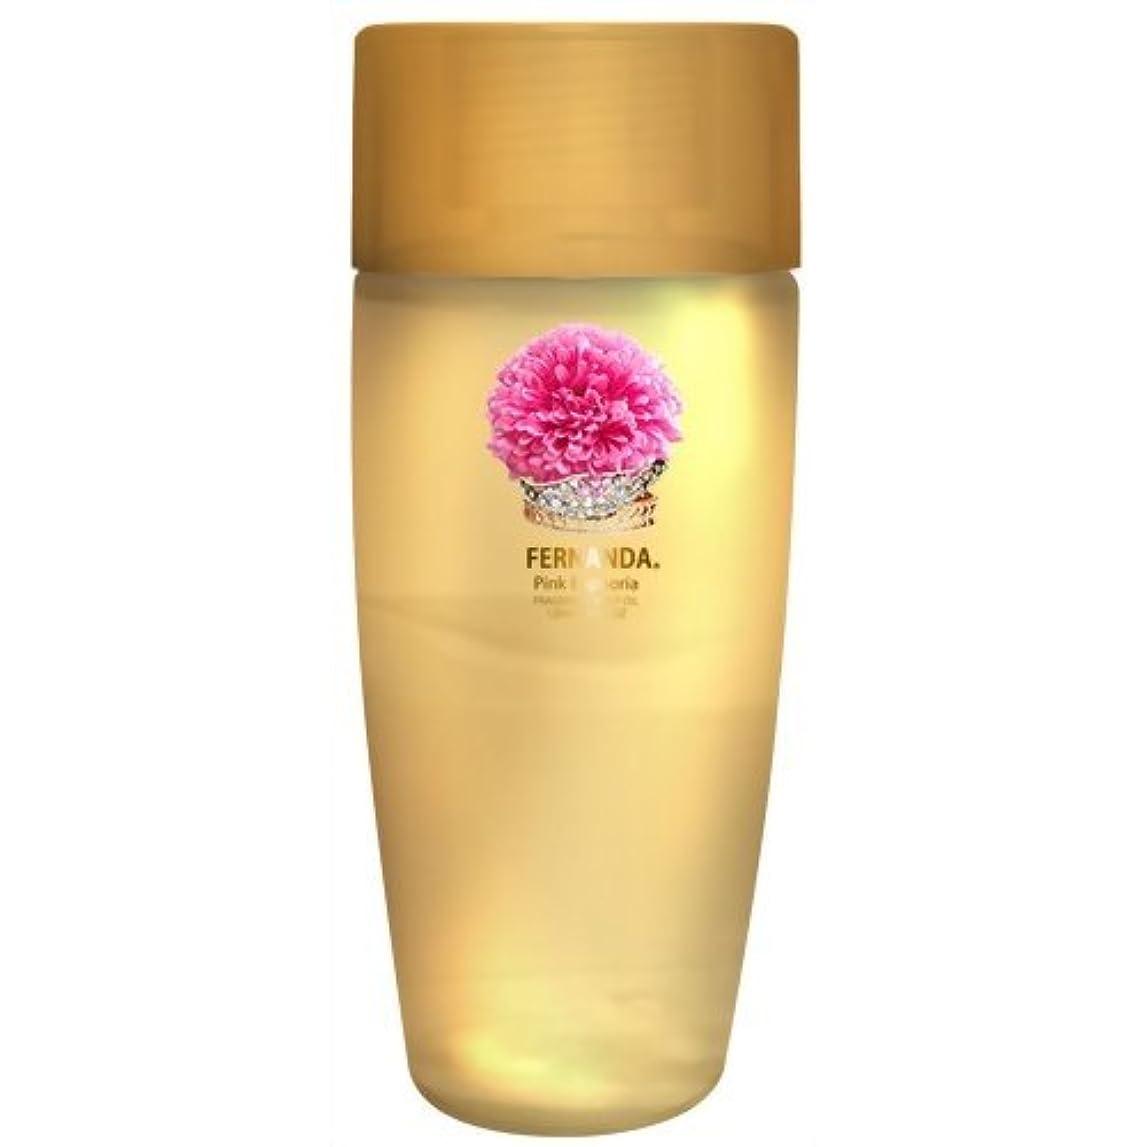 追放する嵐二層FERNANDA(フェルナンダ) Body Oil Pink Euphoria (ボディ オイル ピンクエウフォリア)